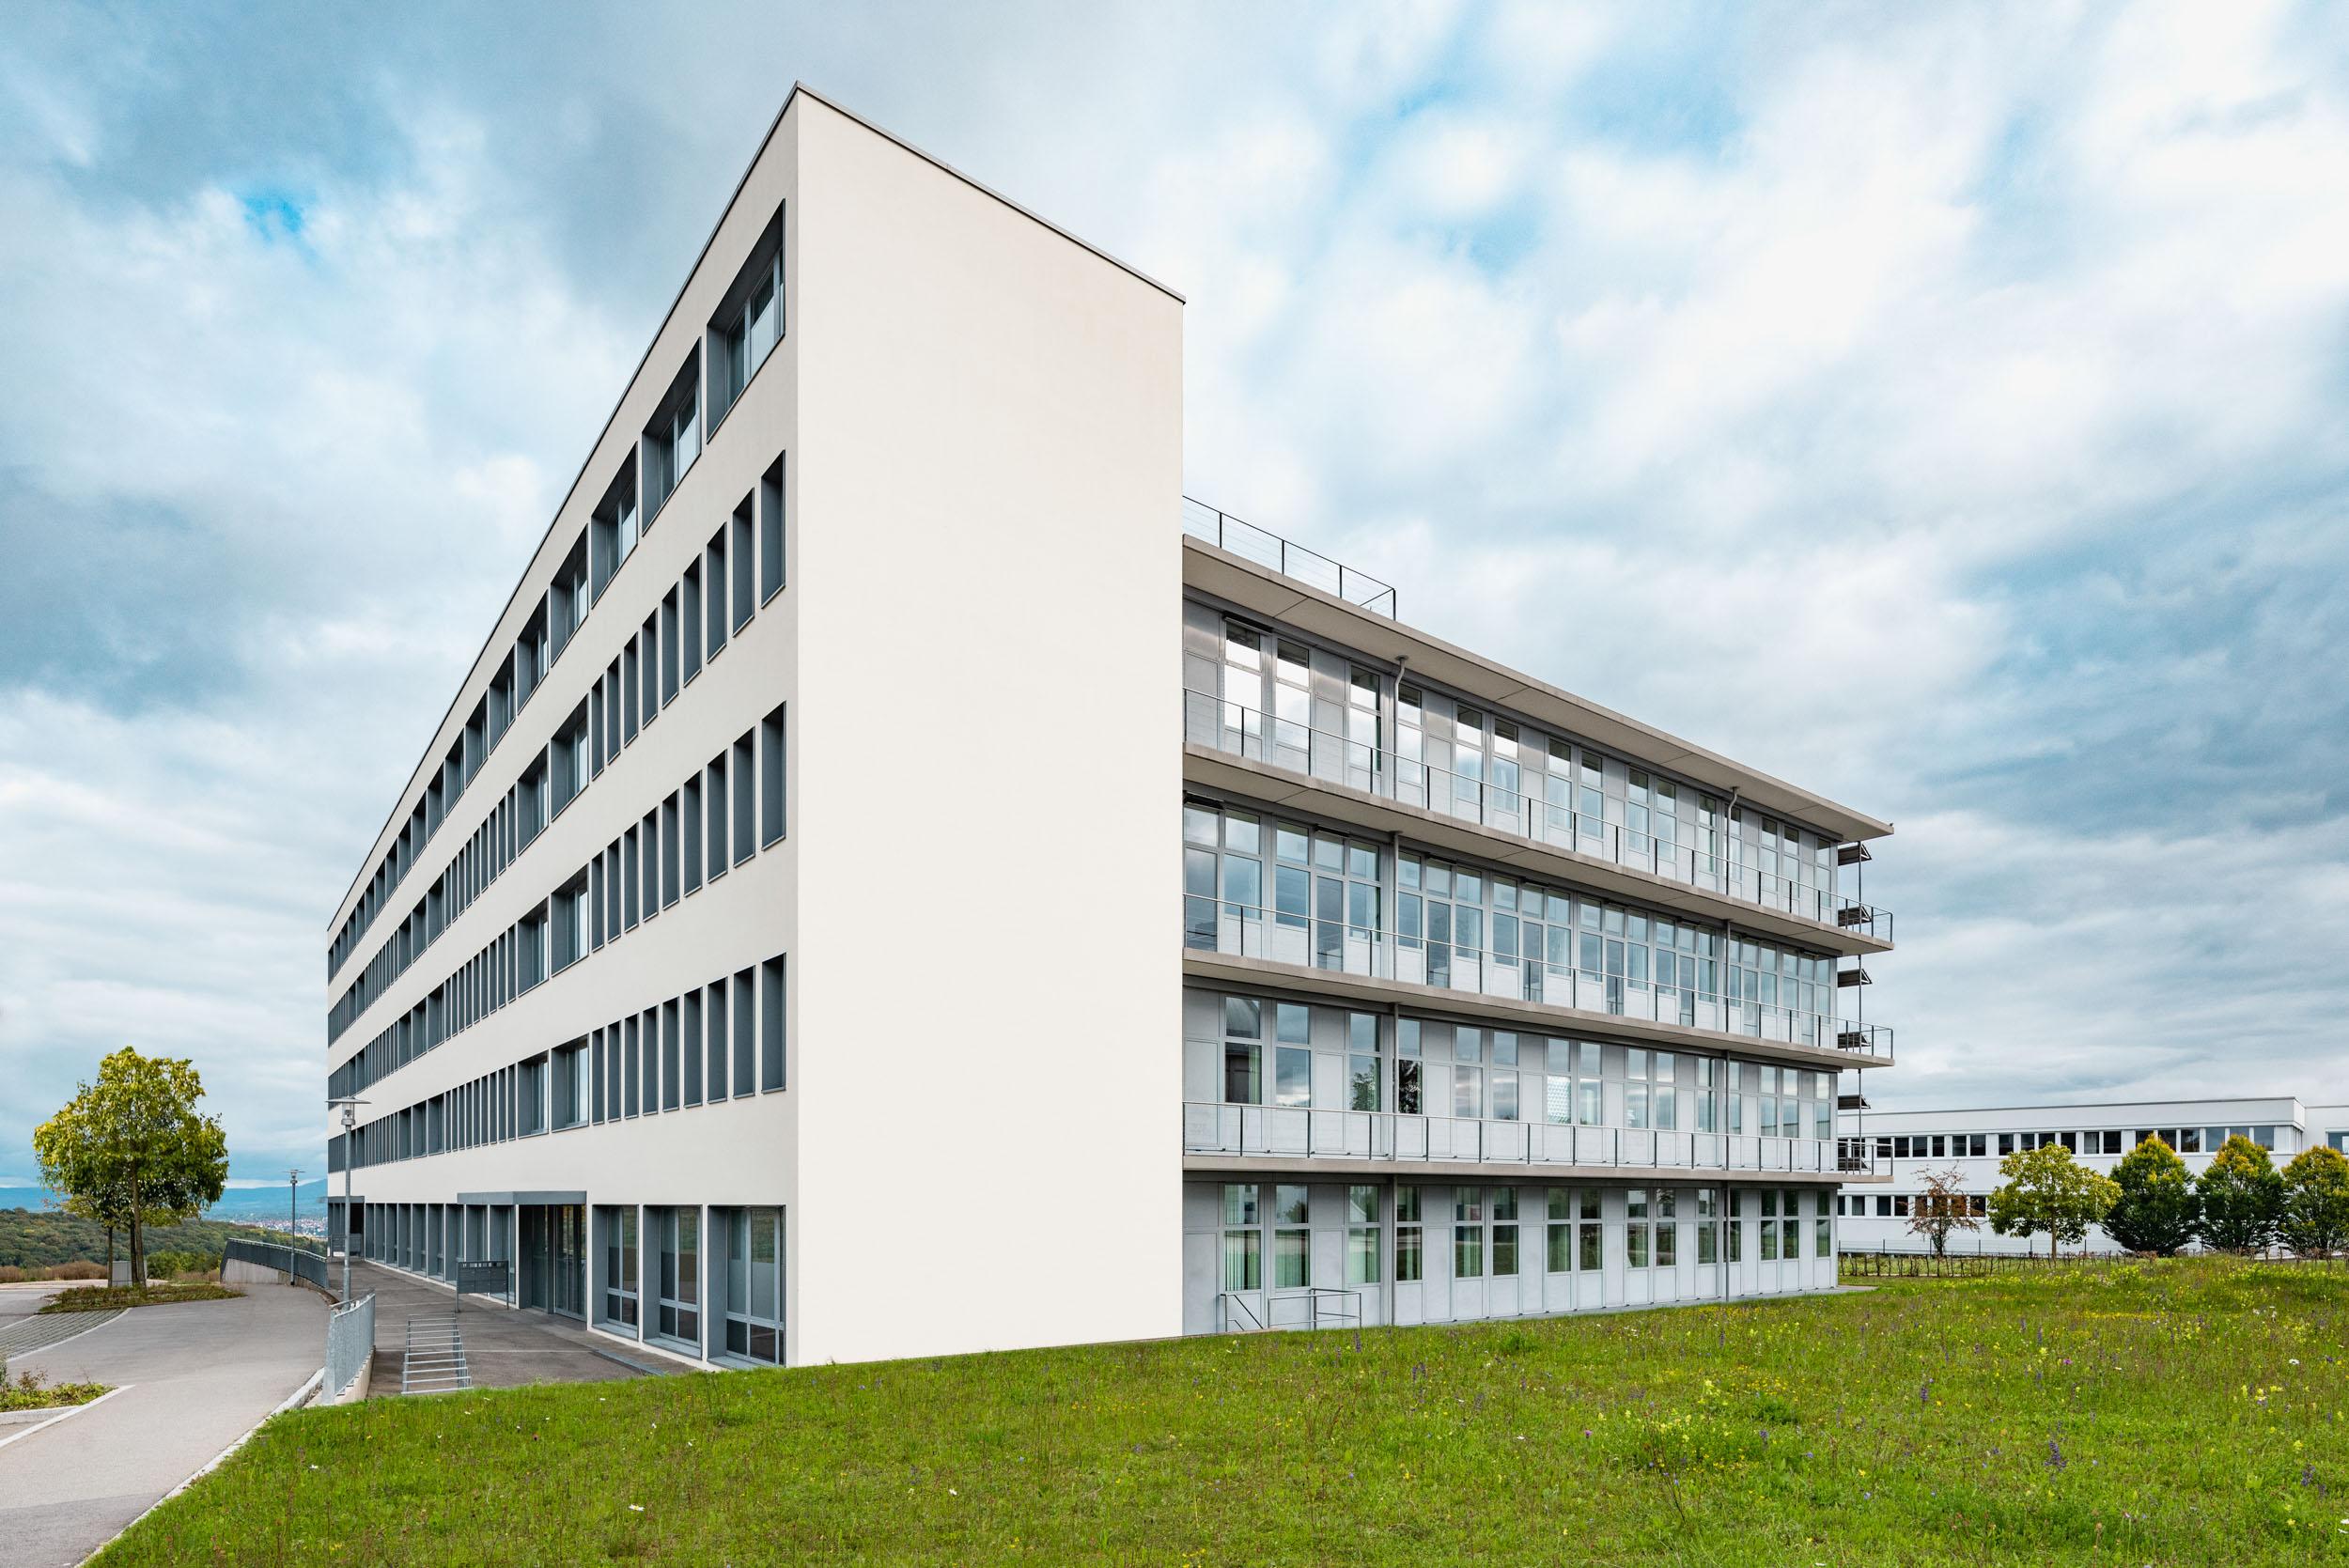 Gustav-Epple-Bauunternehmung-Tübingen-Biotech_MLX8379#00